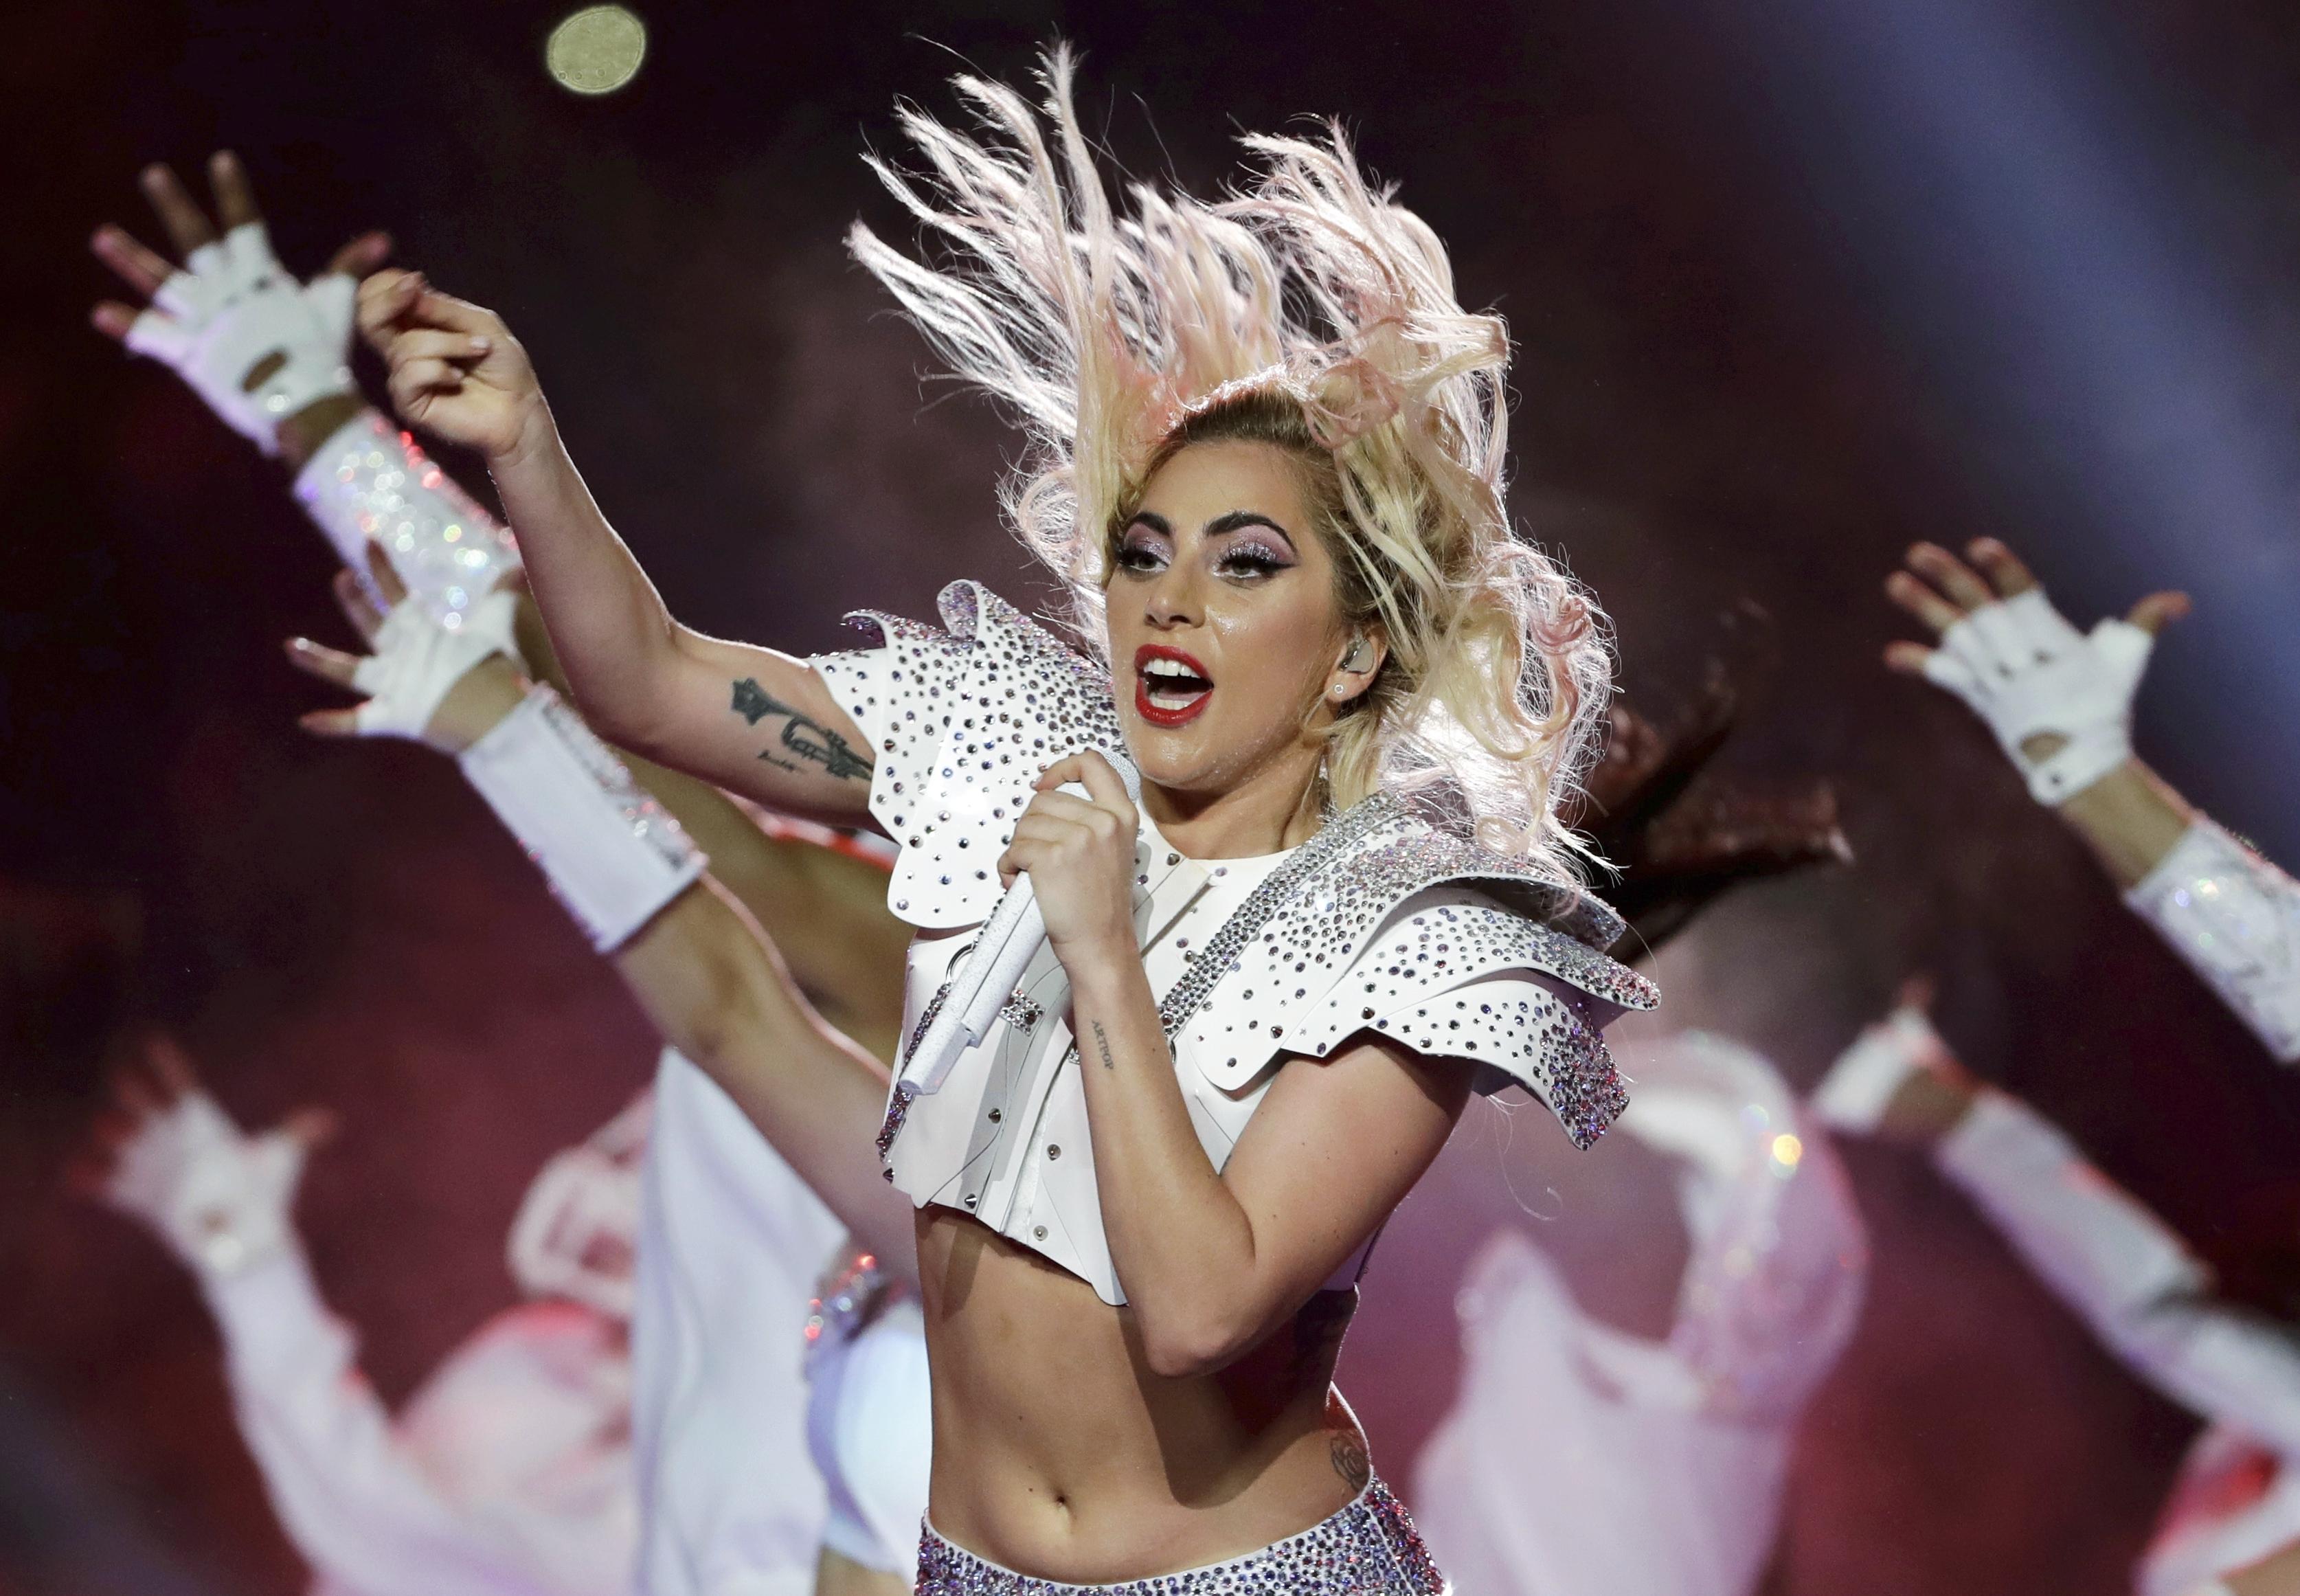 Super Bowl Halftime Shows: 11 Most Memorable Performances